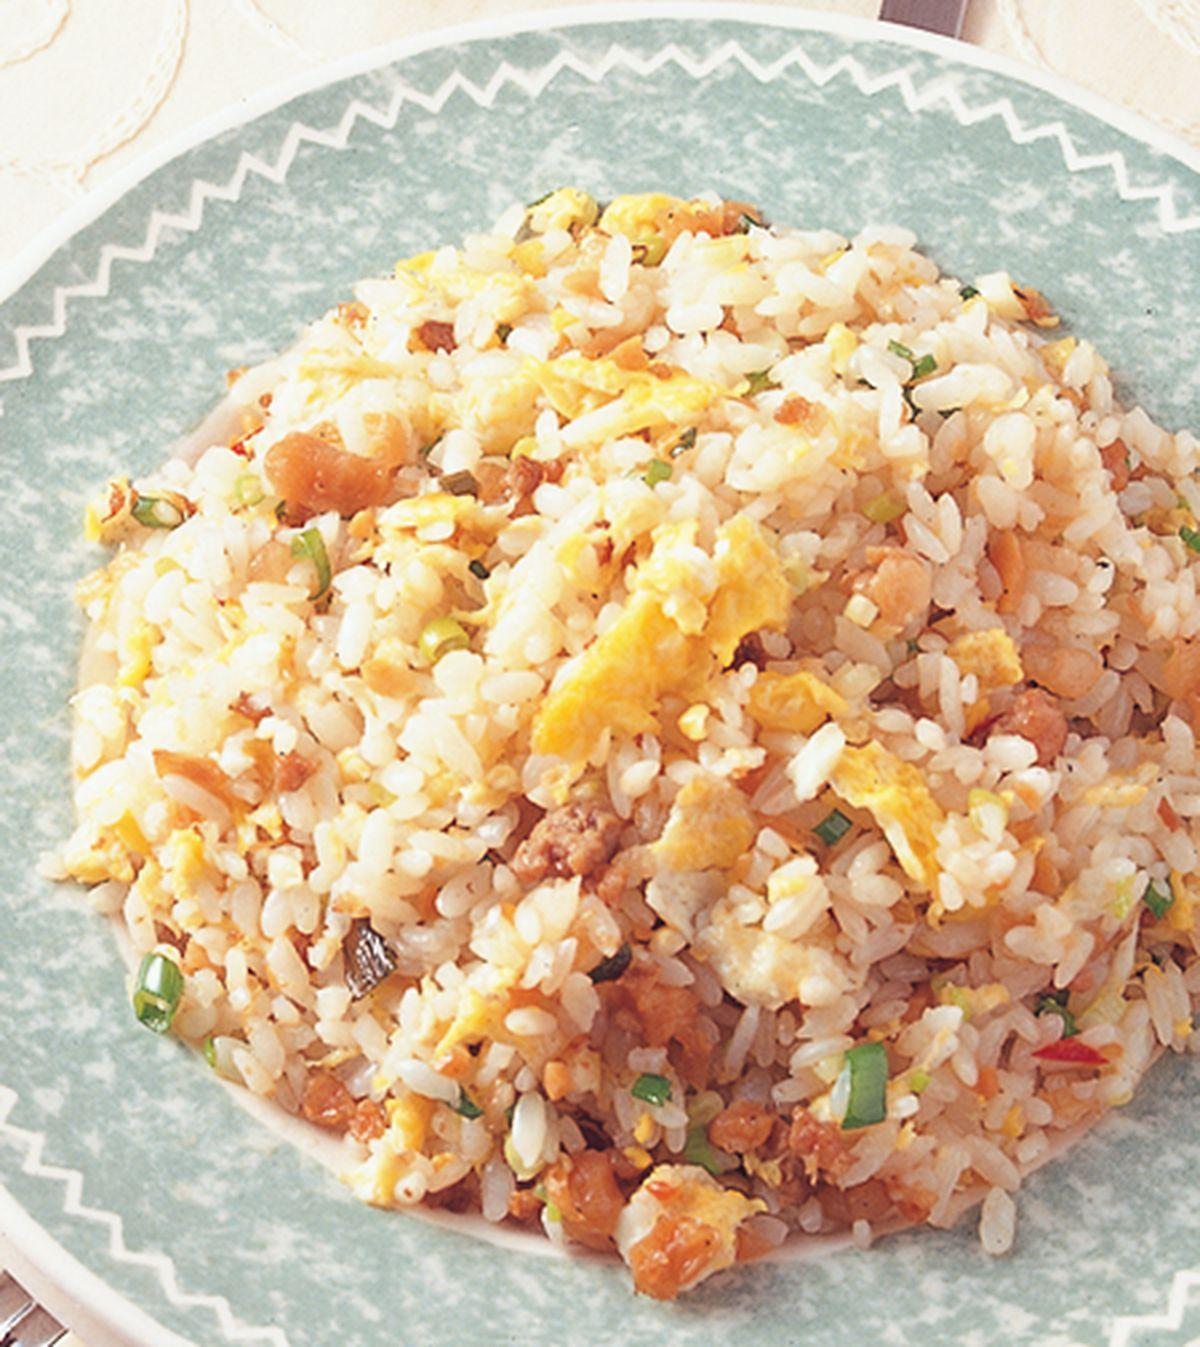 食譜:蘿蔔乾肉燥炒飯